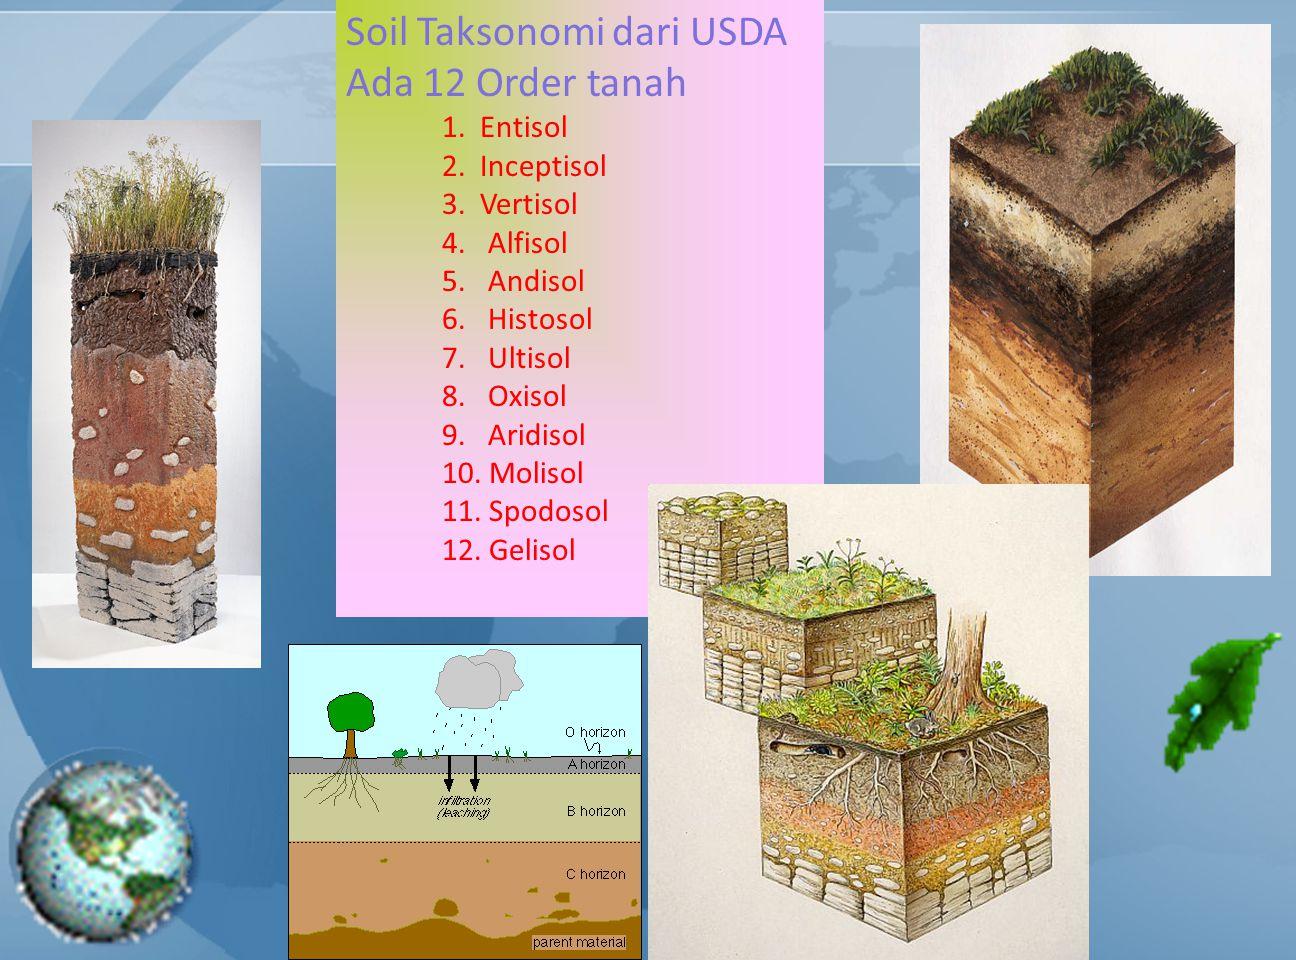 Soil Taksonomi dari USDA Ada 12 Order tanah